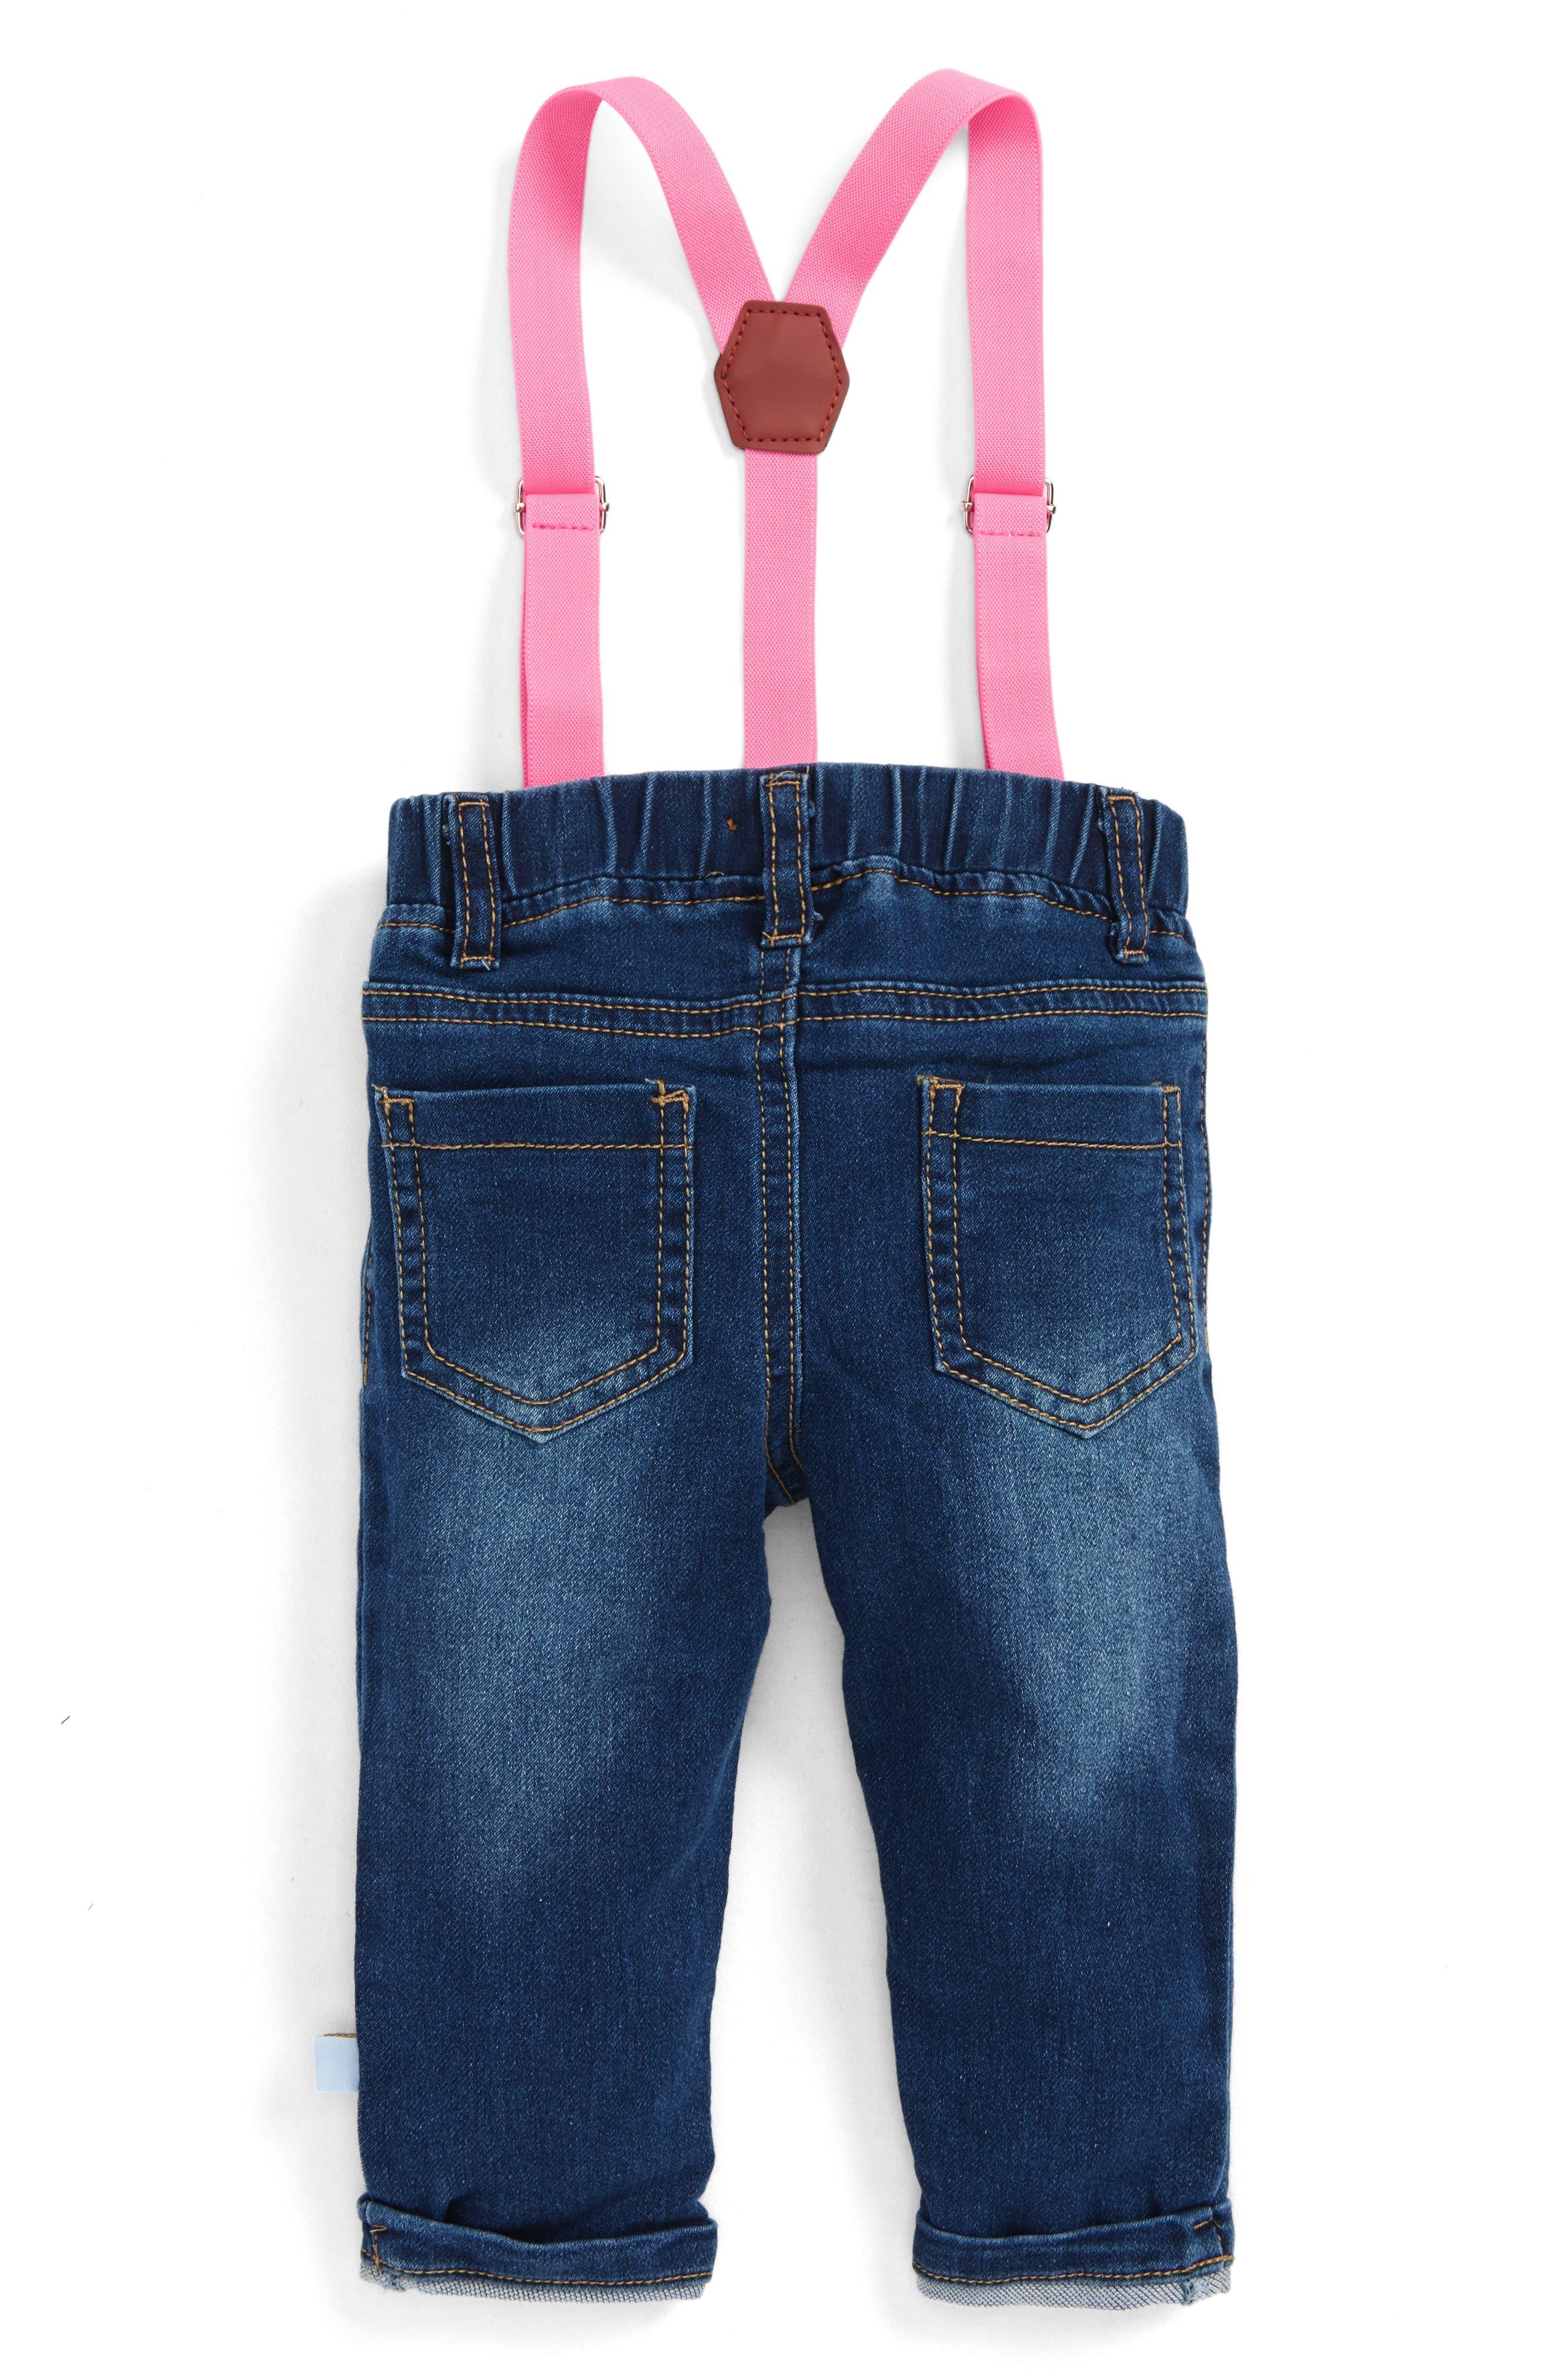 Jeans & Suspenders Set,                             Alternate thumbnail 2, color,                             420